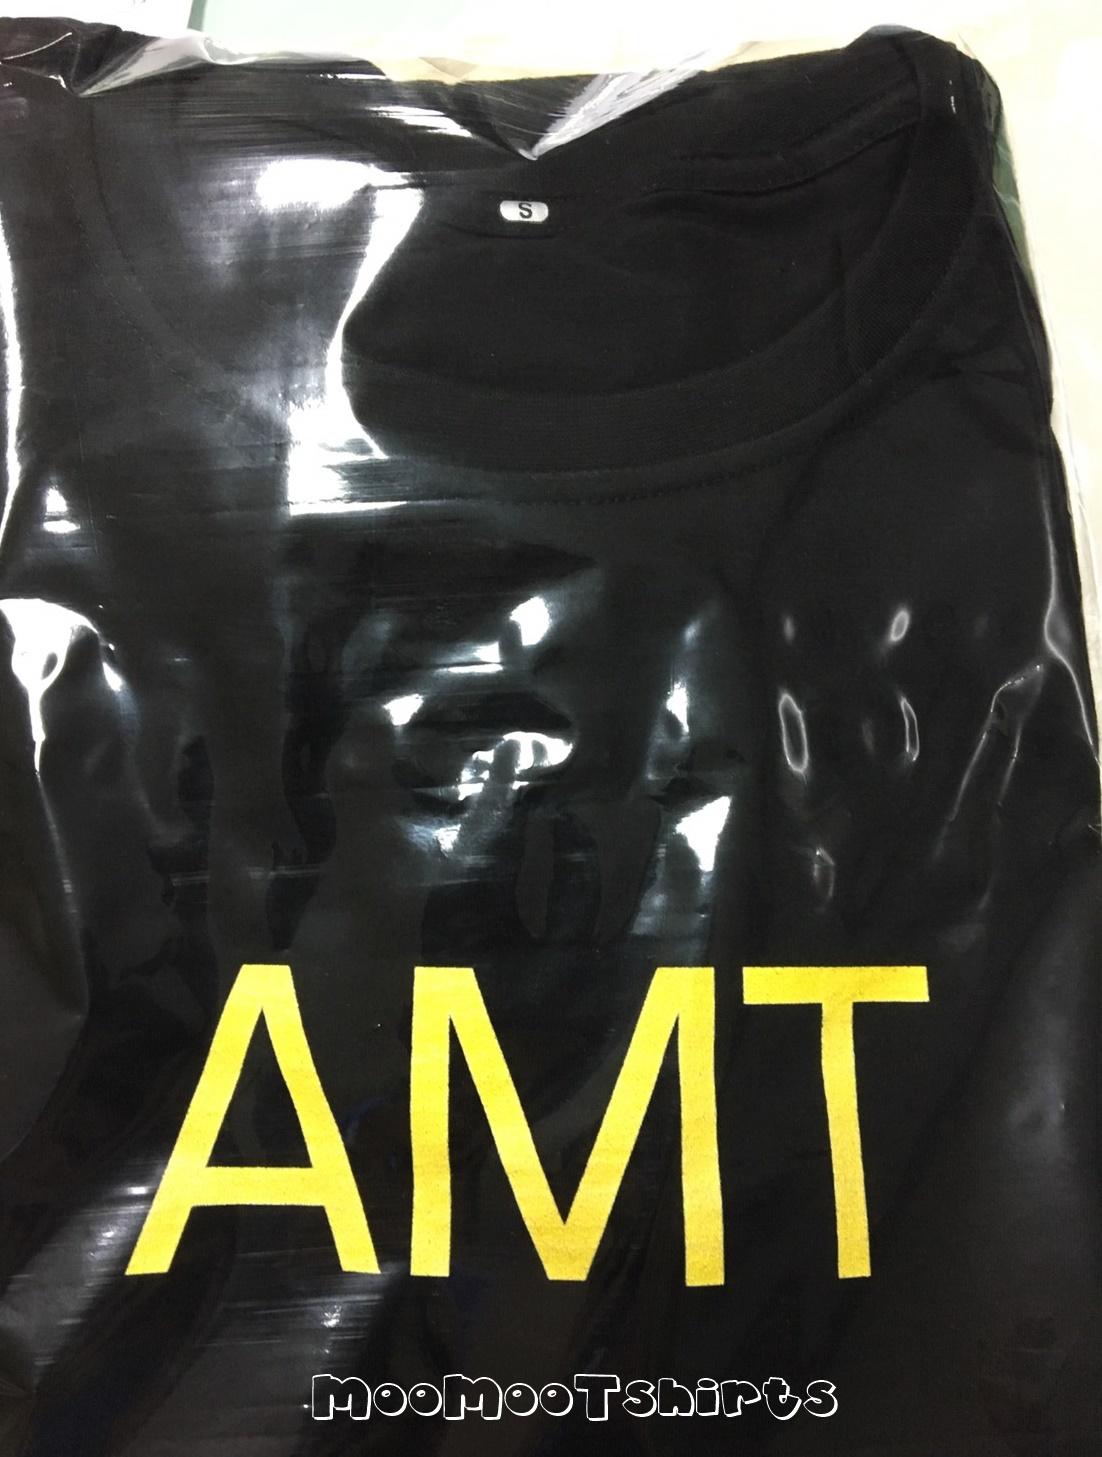 เสื้อยืดสีดำ สกรีนลายตัวอักษรง่ายๆแต่สวยคมชัด งานพิมพ์ด่วนด้วยระบบ DTG สกรีนเสื้อ ราคาเป็นกันเองนึกถึงเรา